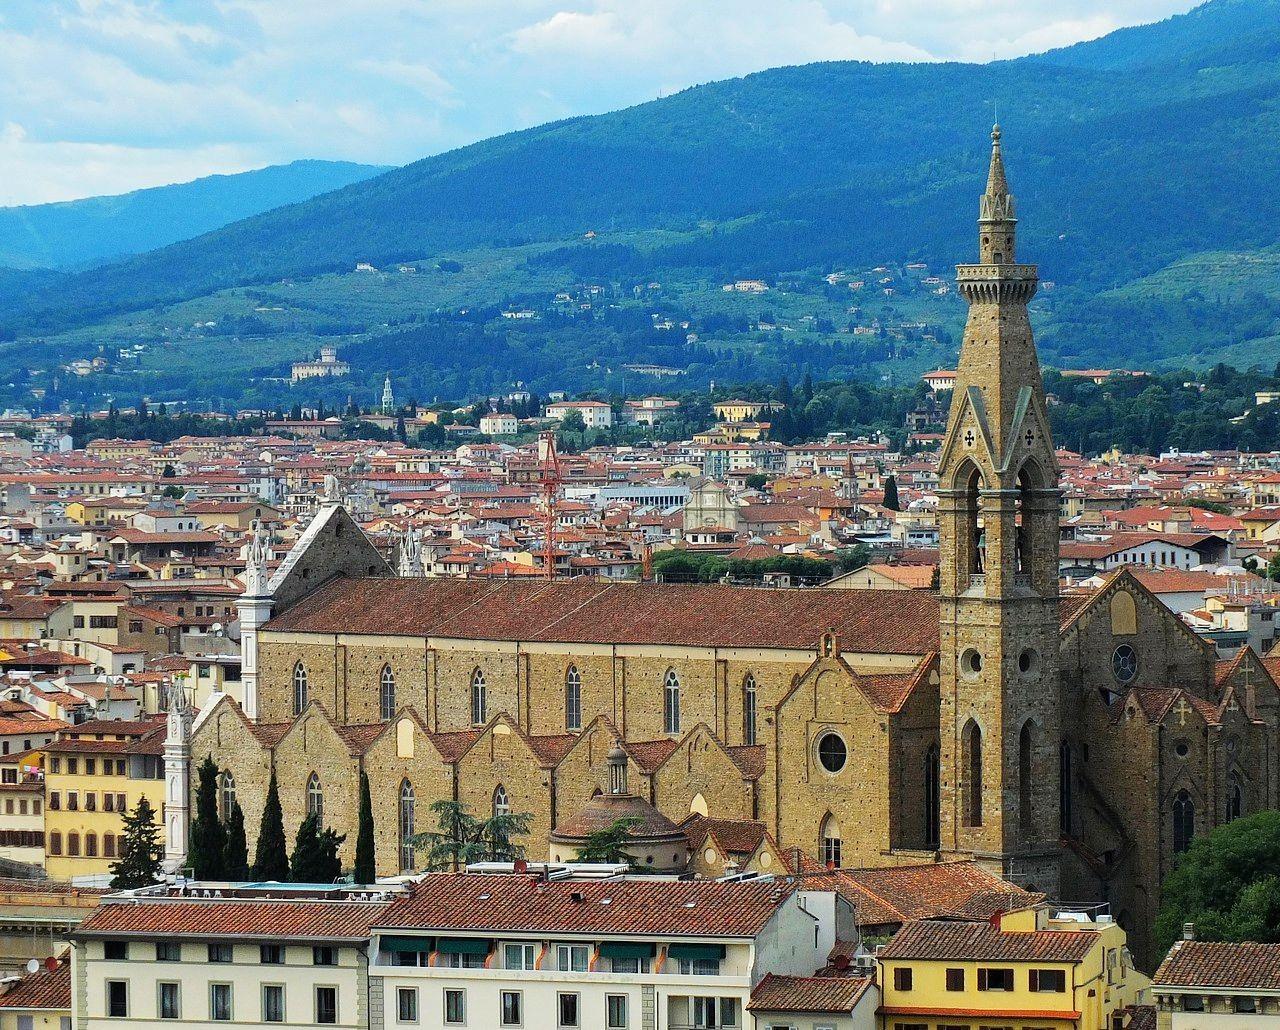 美丽的托斯卡纳城市.佛罗伦萨 2_图1-29